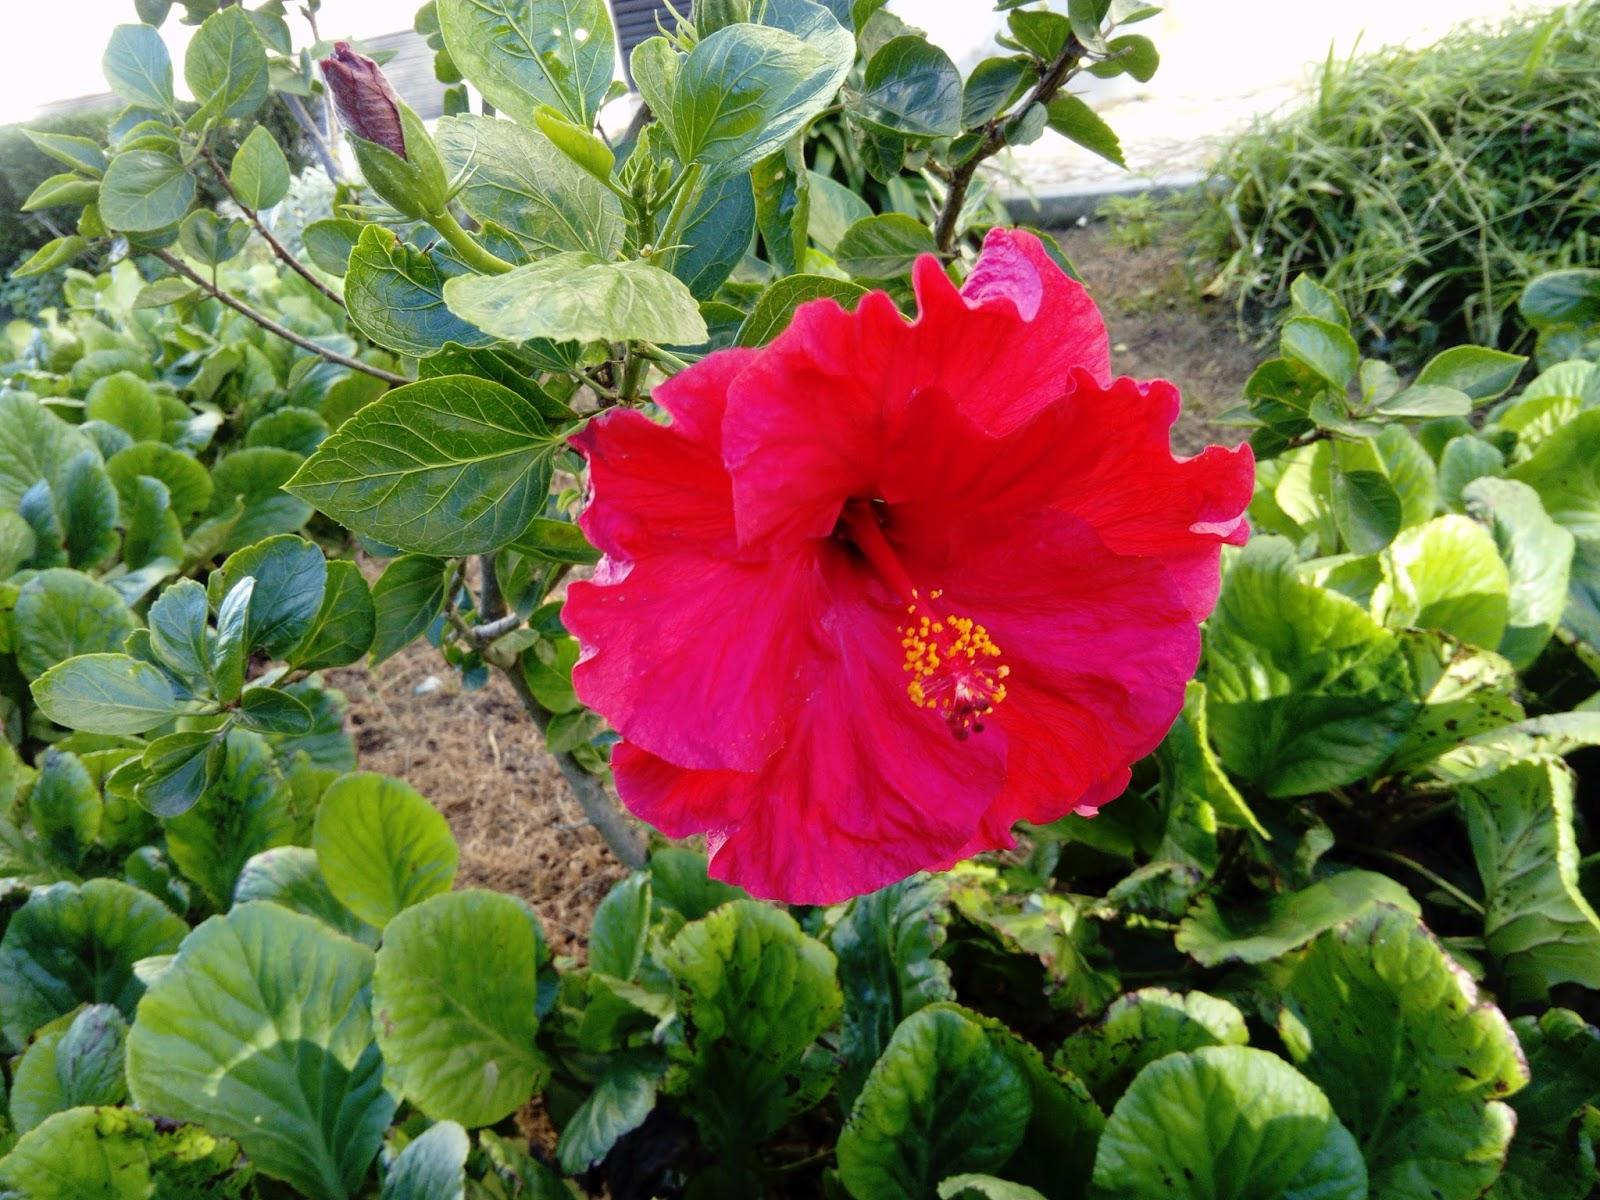 Flor de outono graciosa, bela e terna